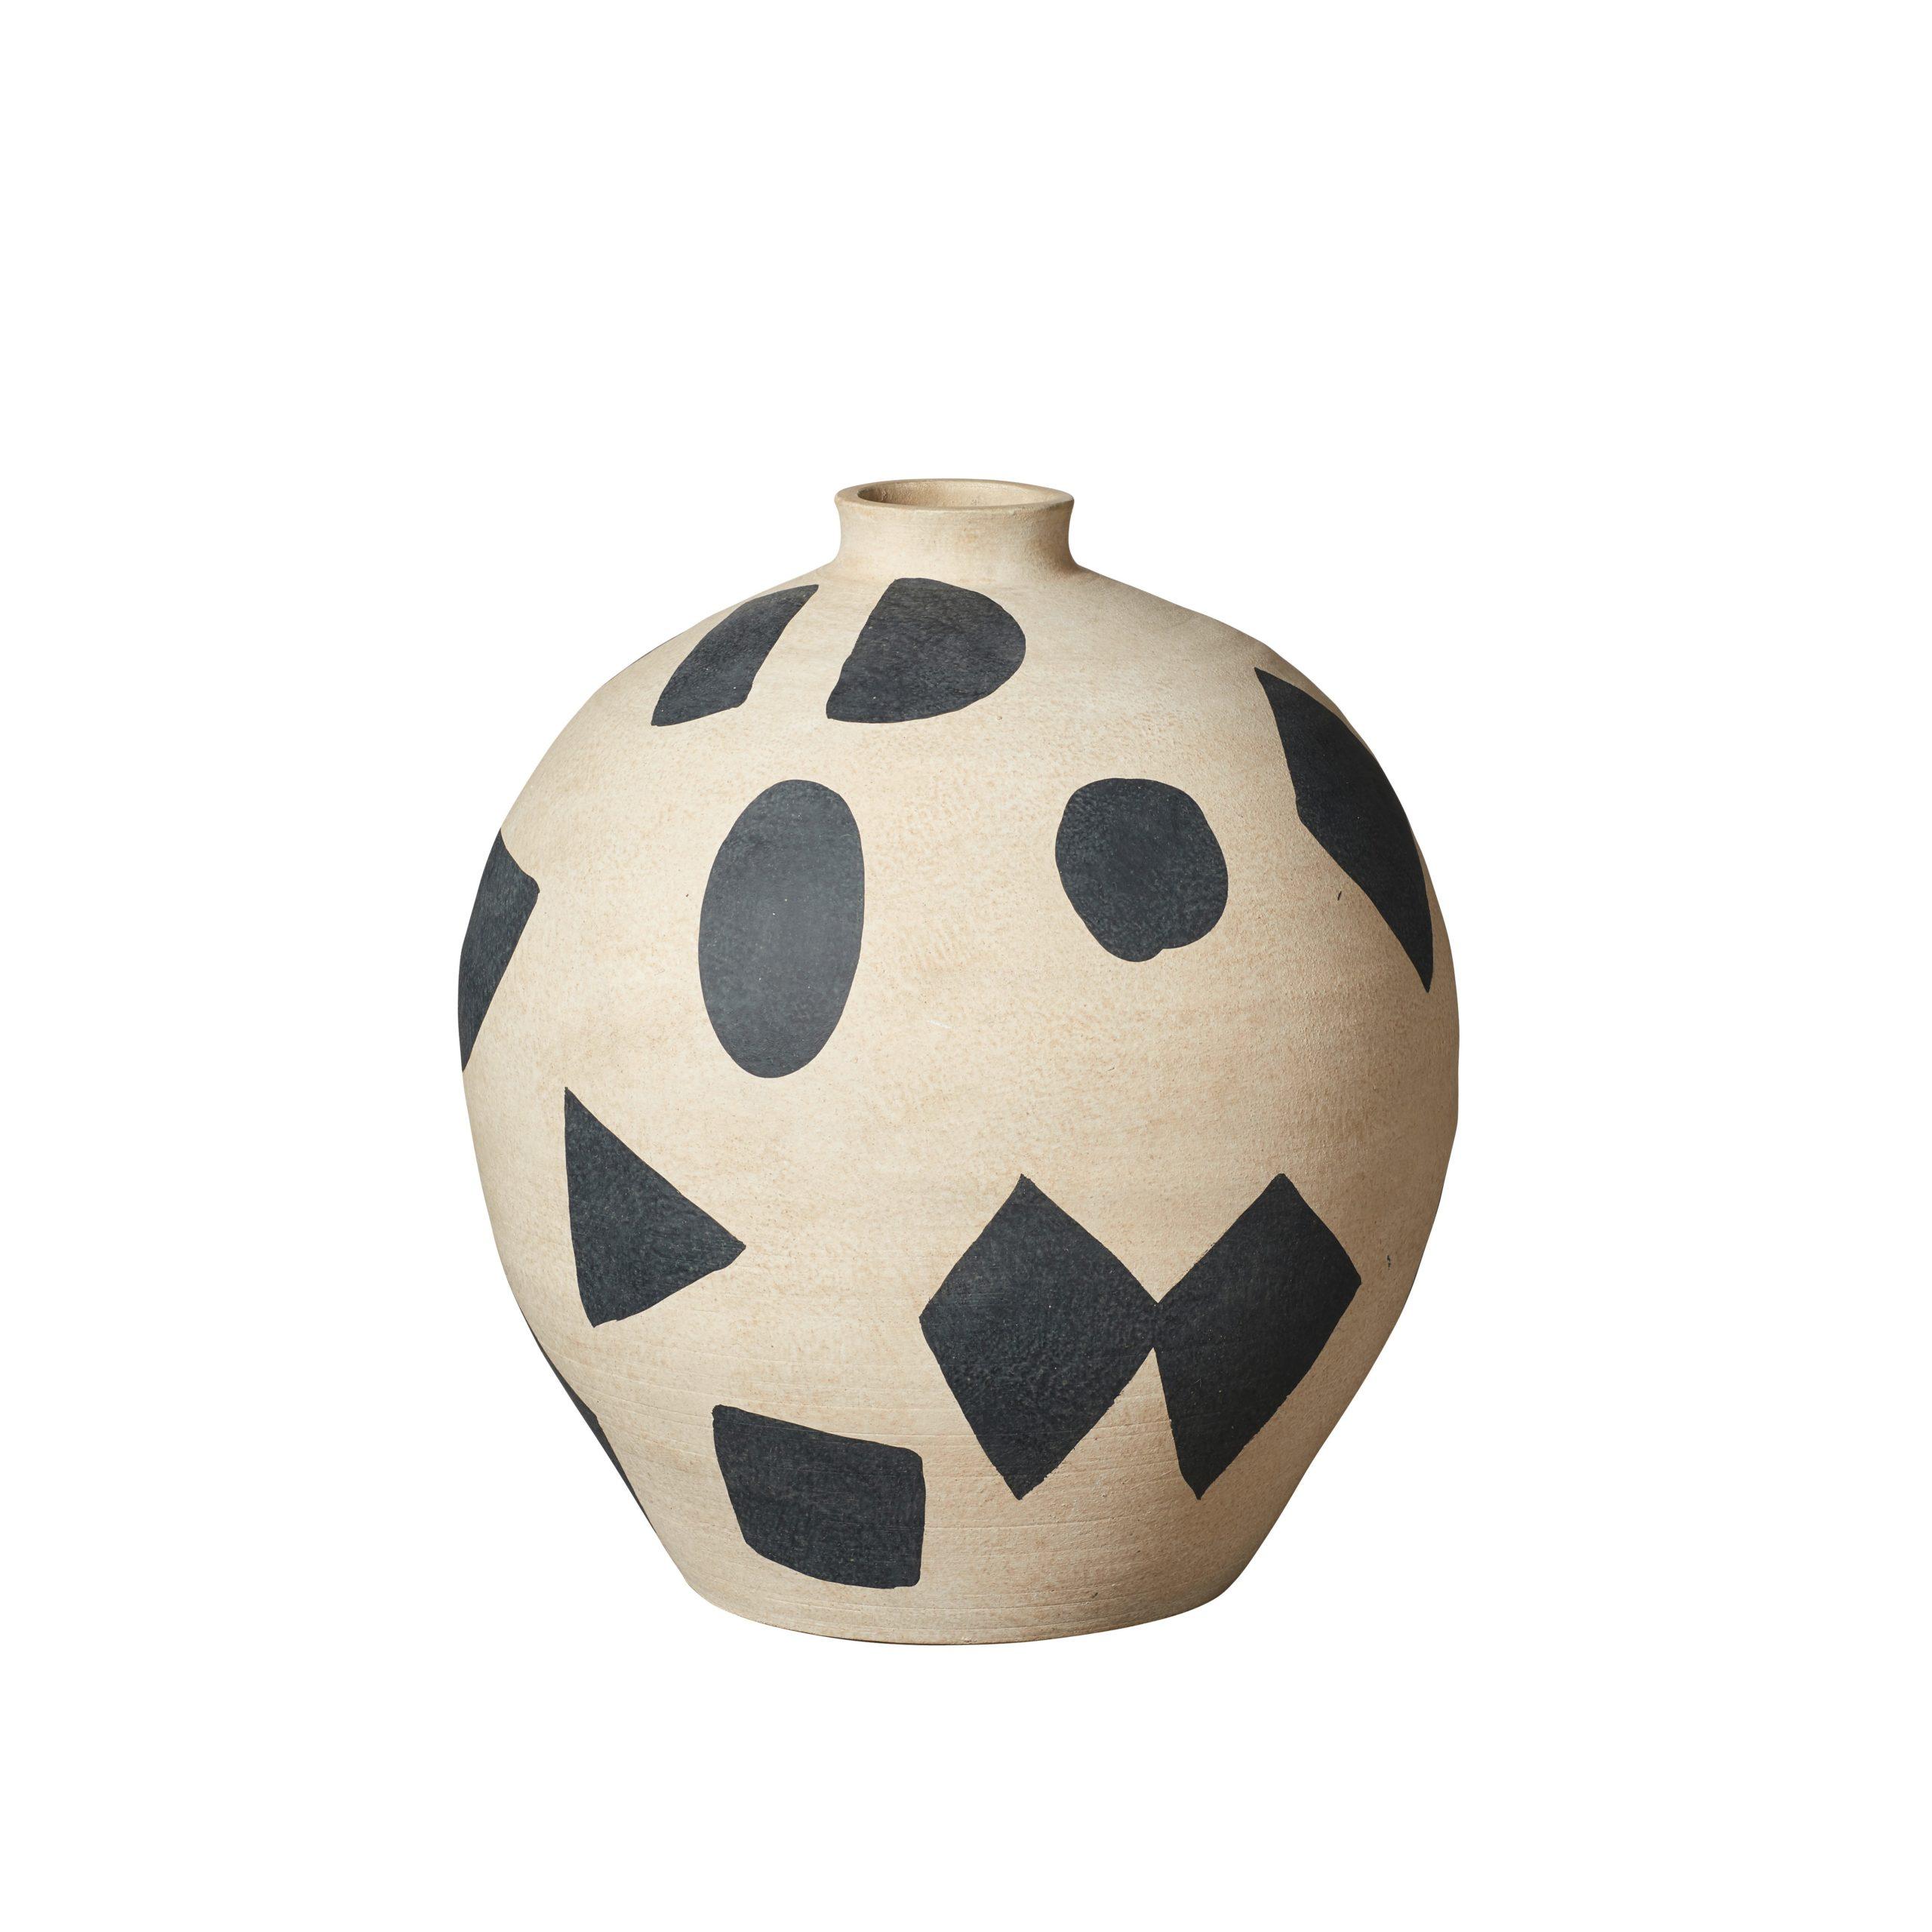 Vase, £75, OKA UK